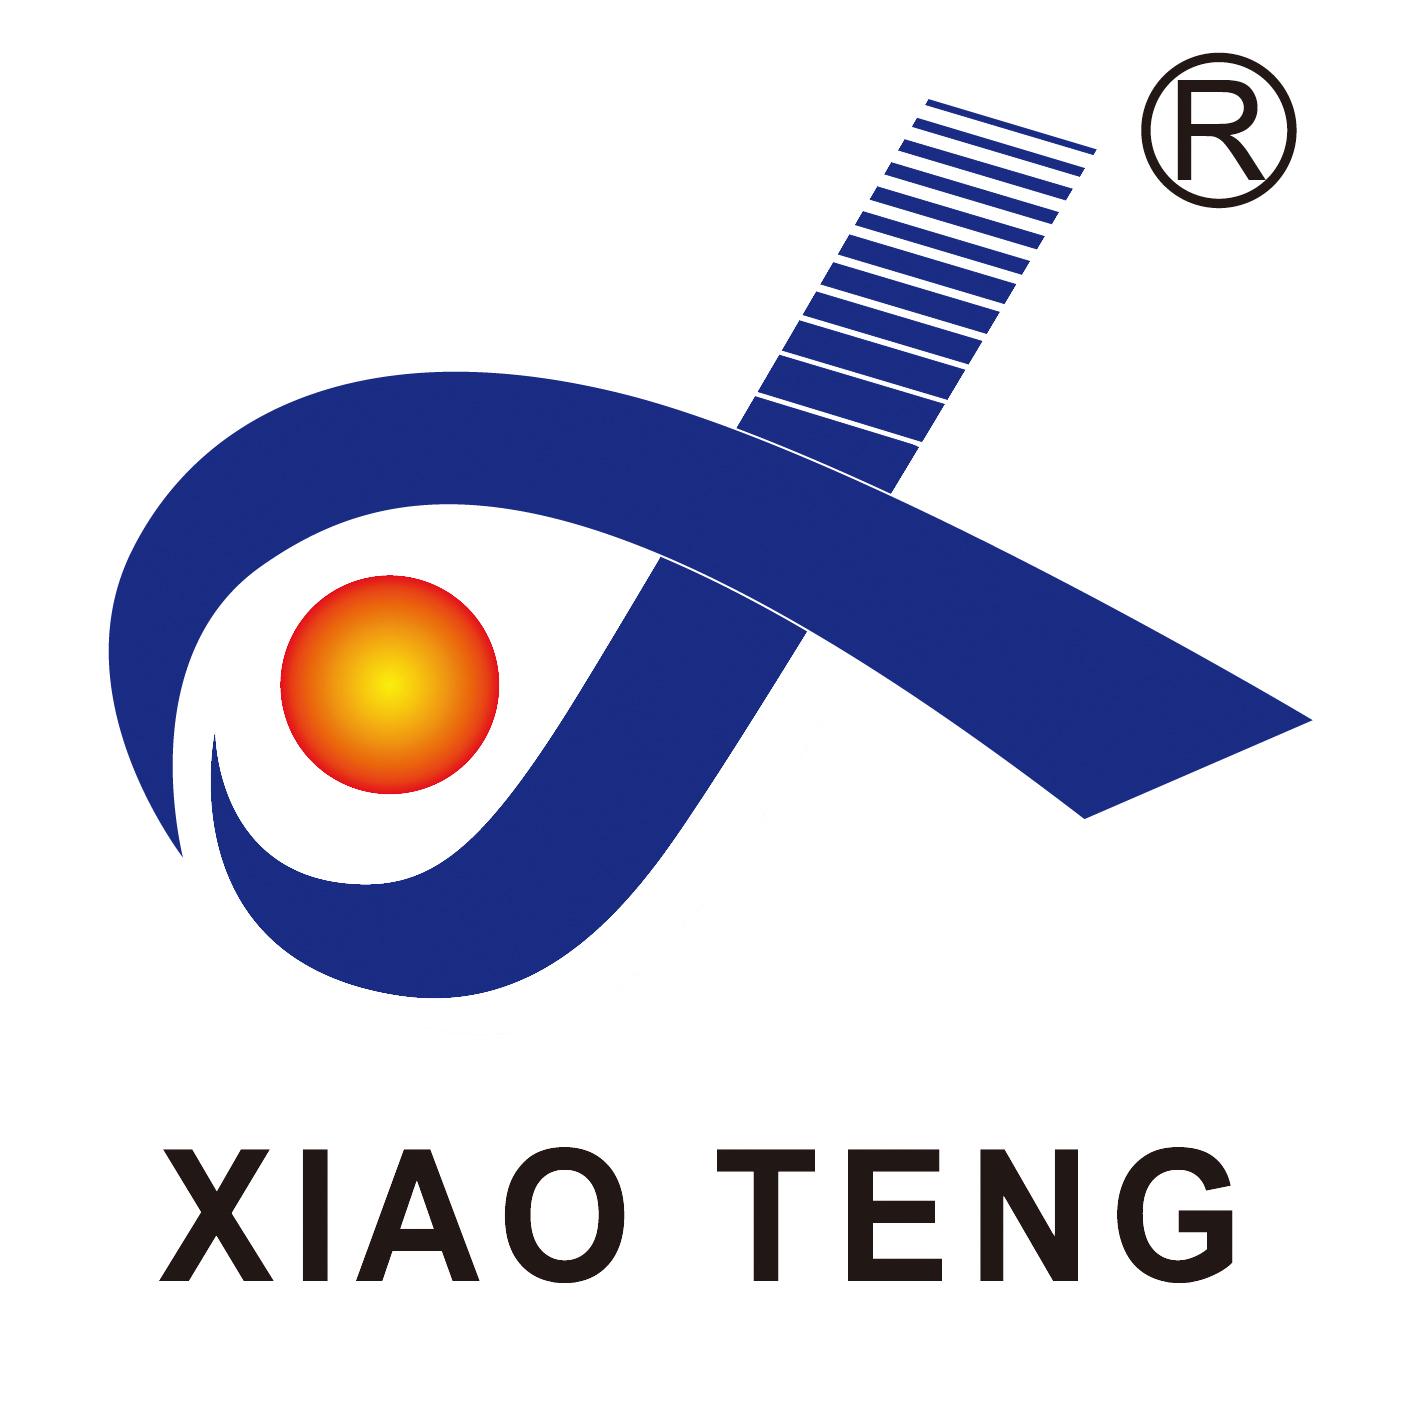 上海霄腾自动化装备有限公司